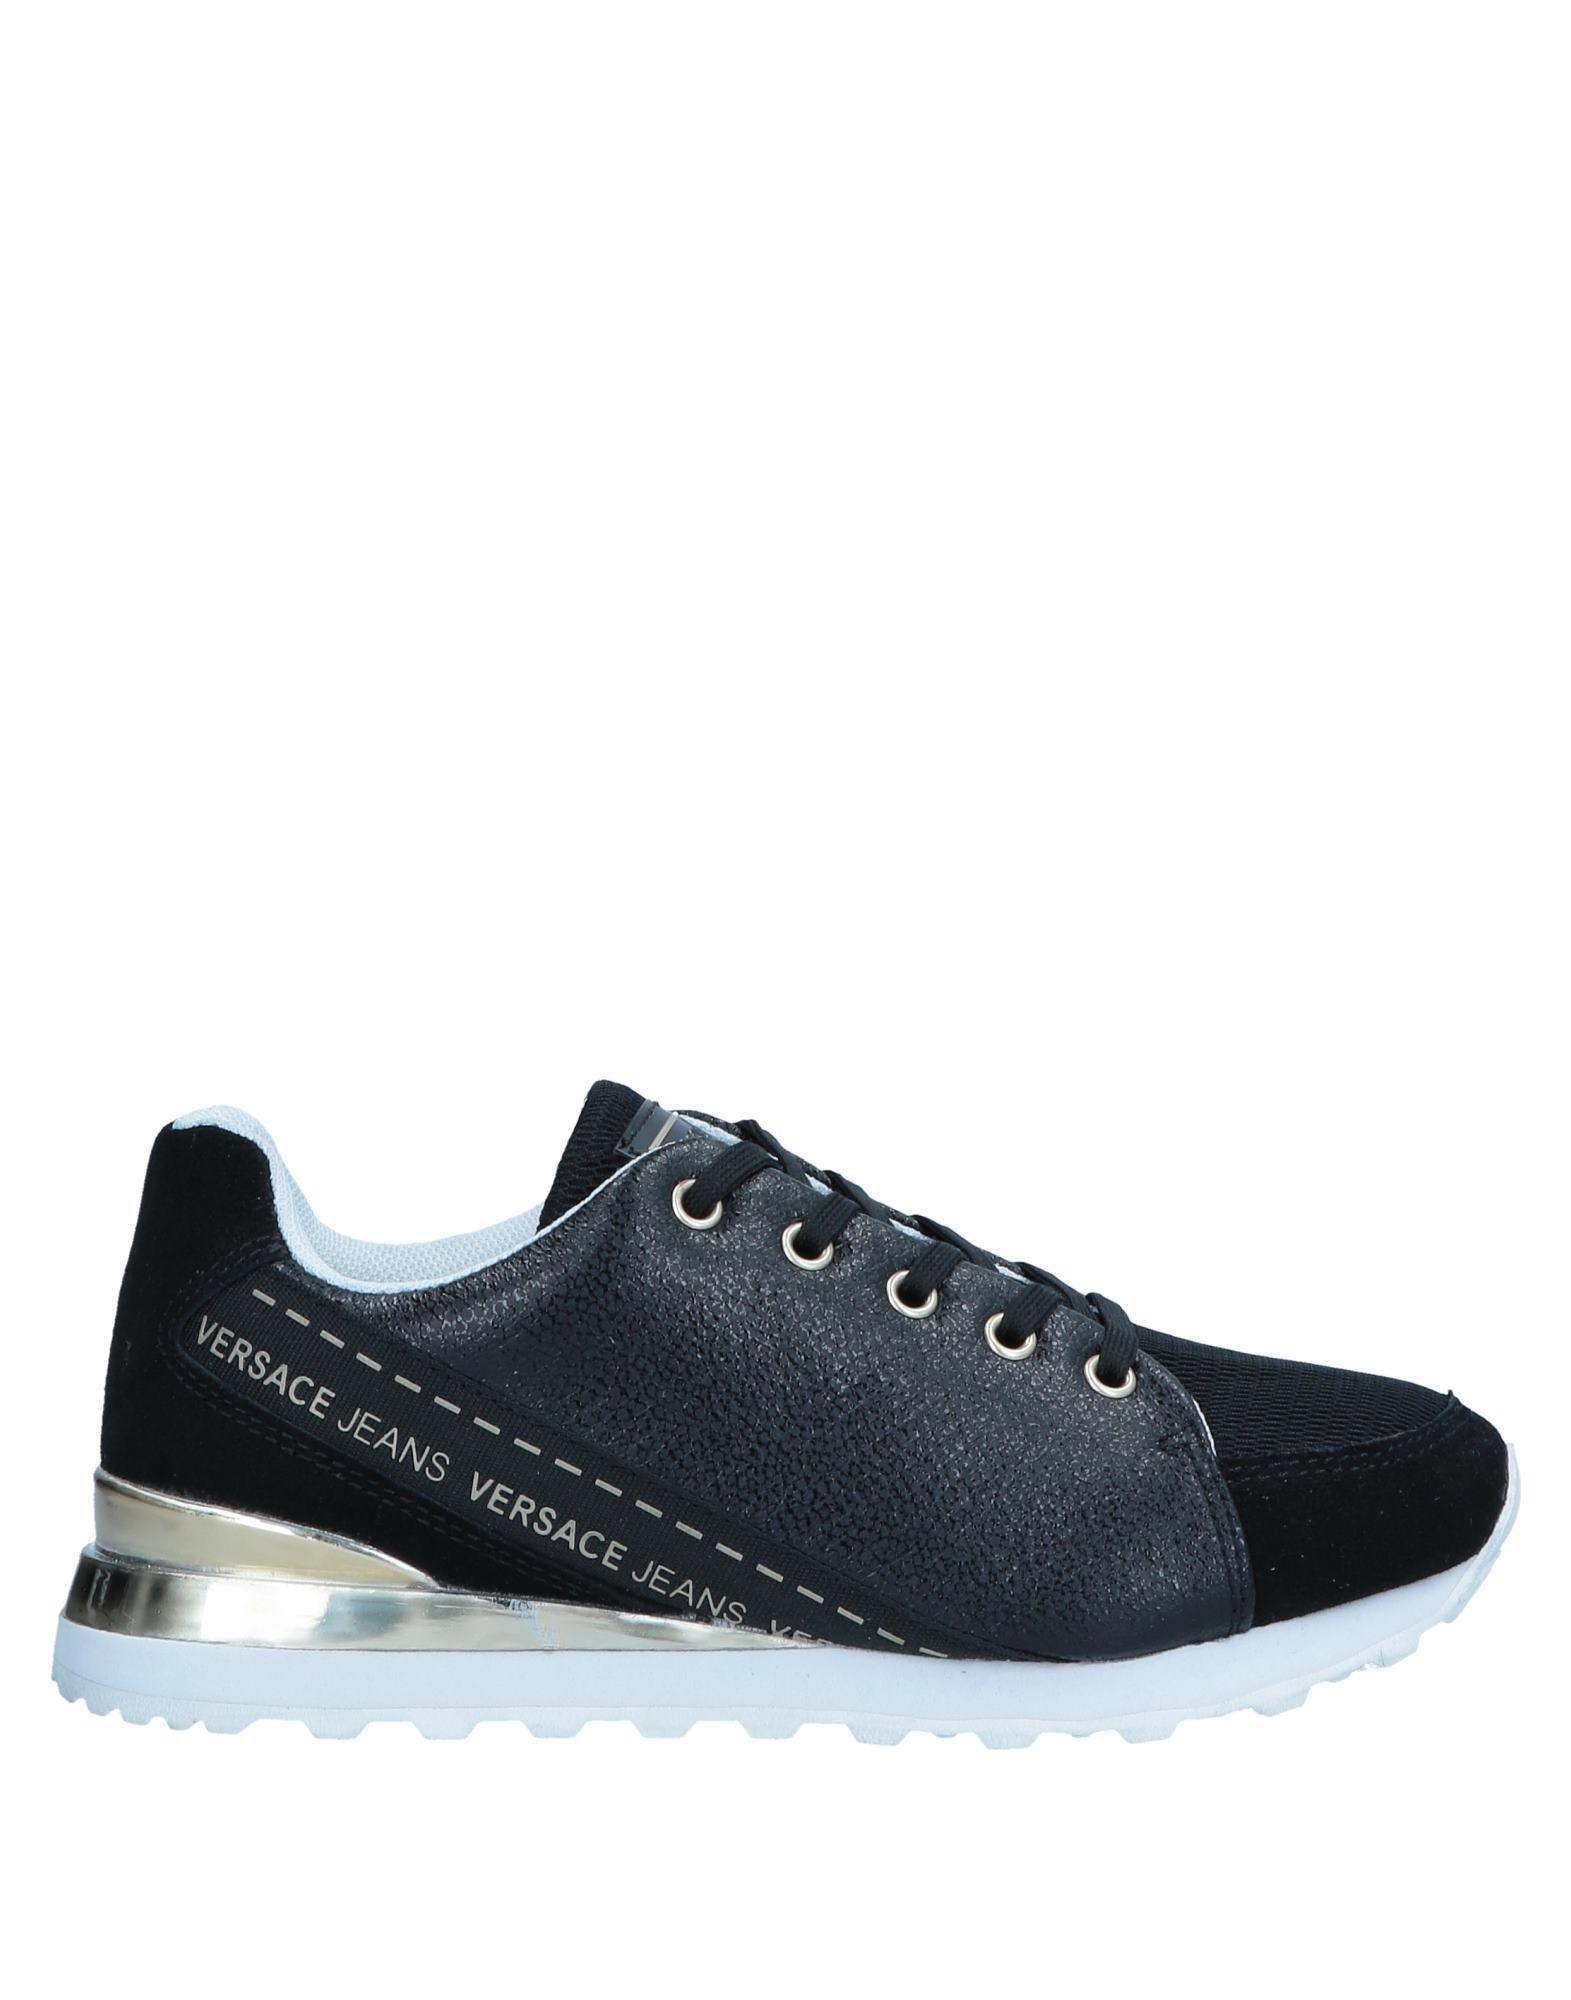 Versace Jeans Sneakers Damen  11551842SJ Gute Qualität beliebte Schuhe